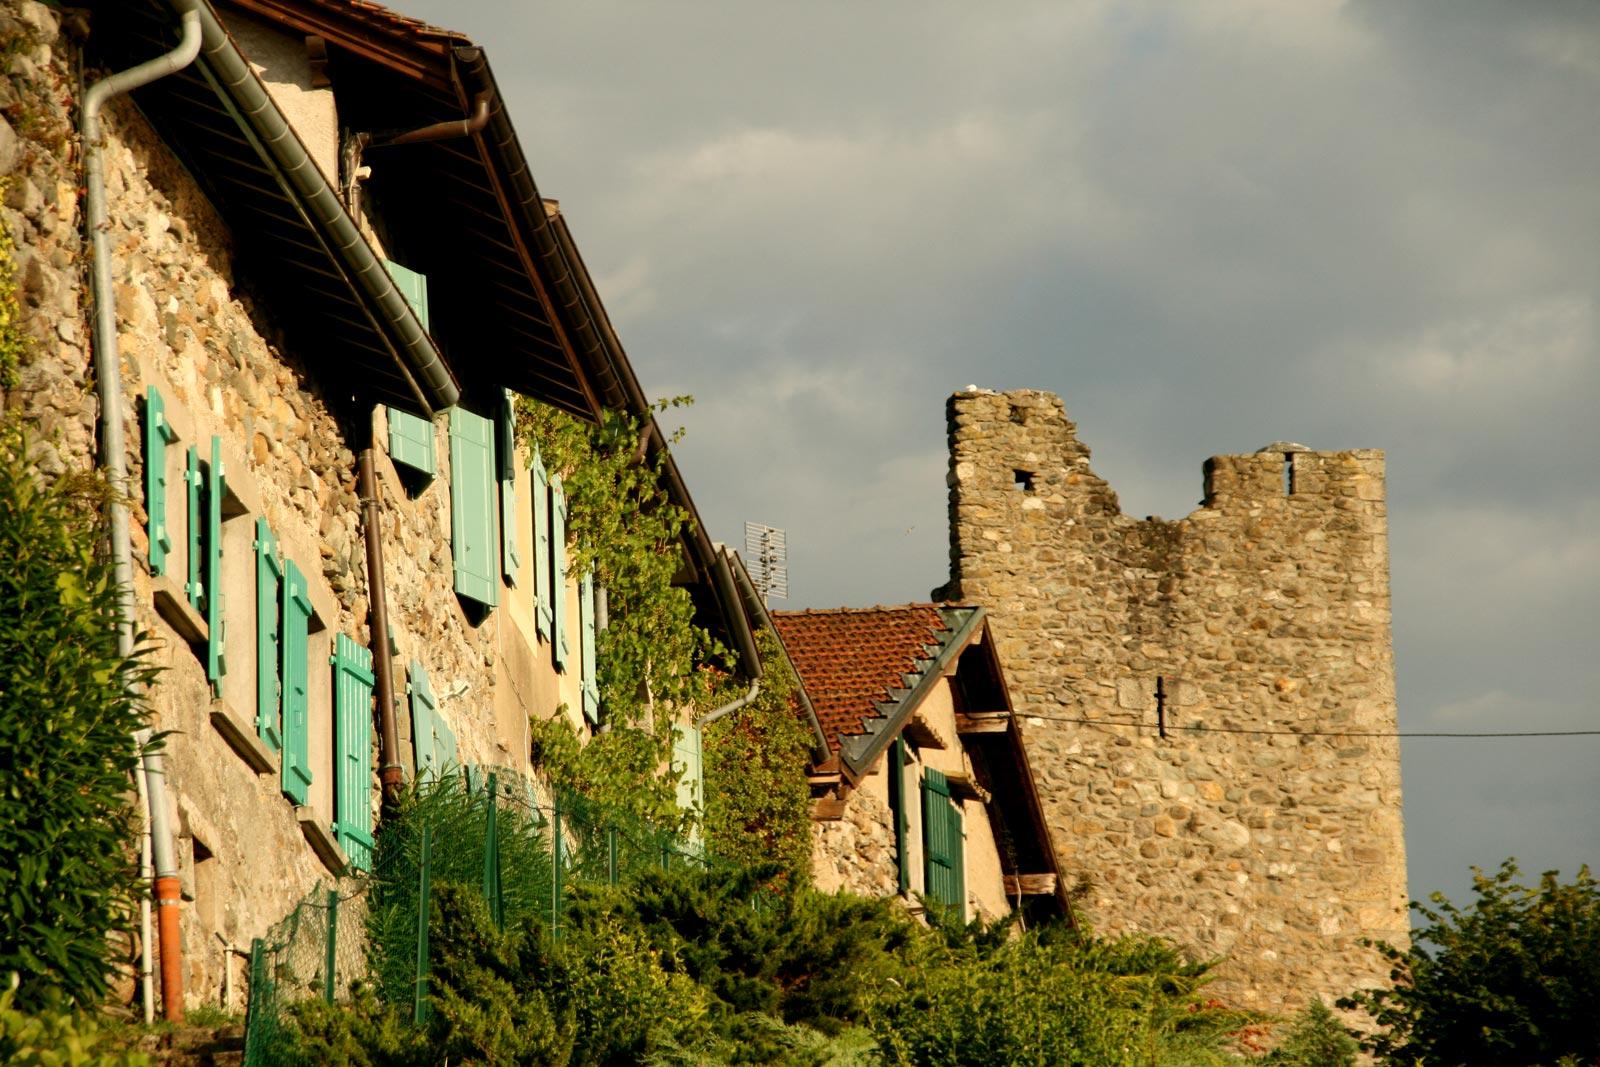 Les remparts du village médiéval d'Yvoire.